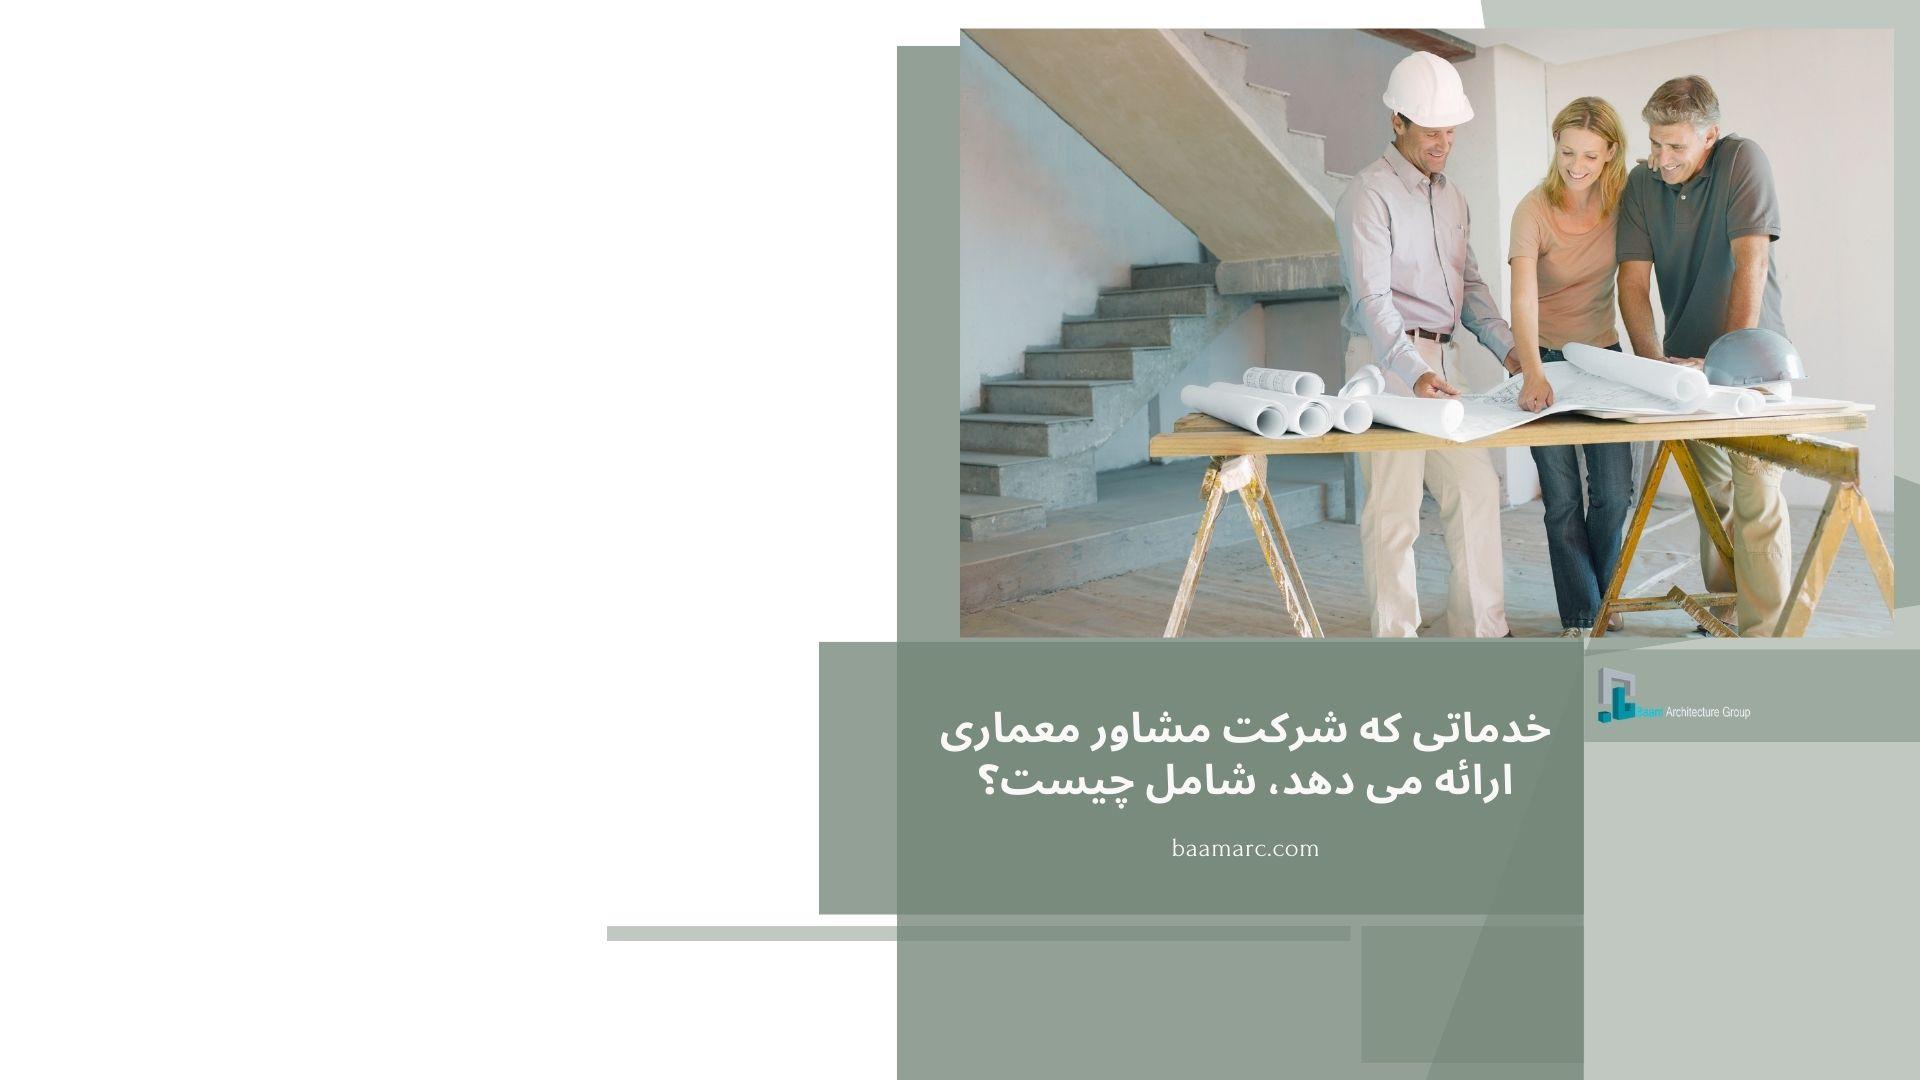 خدماتی که شرکت مشاور معماری ارائه می دهد، شامل چیست؟